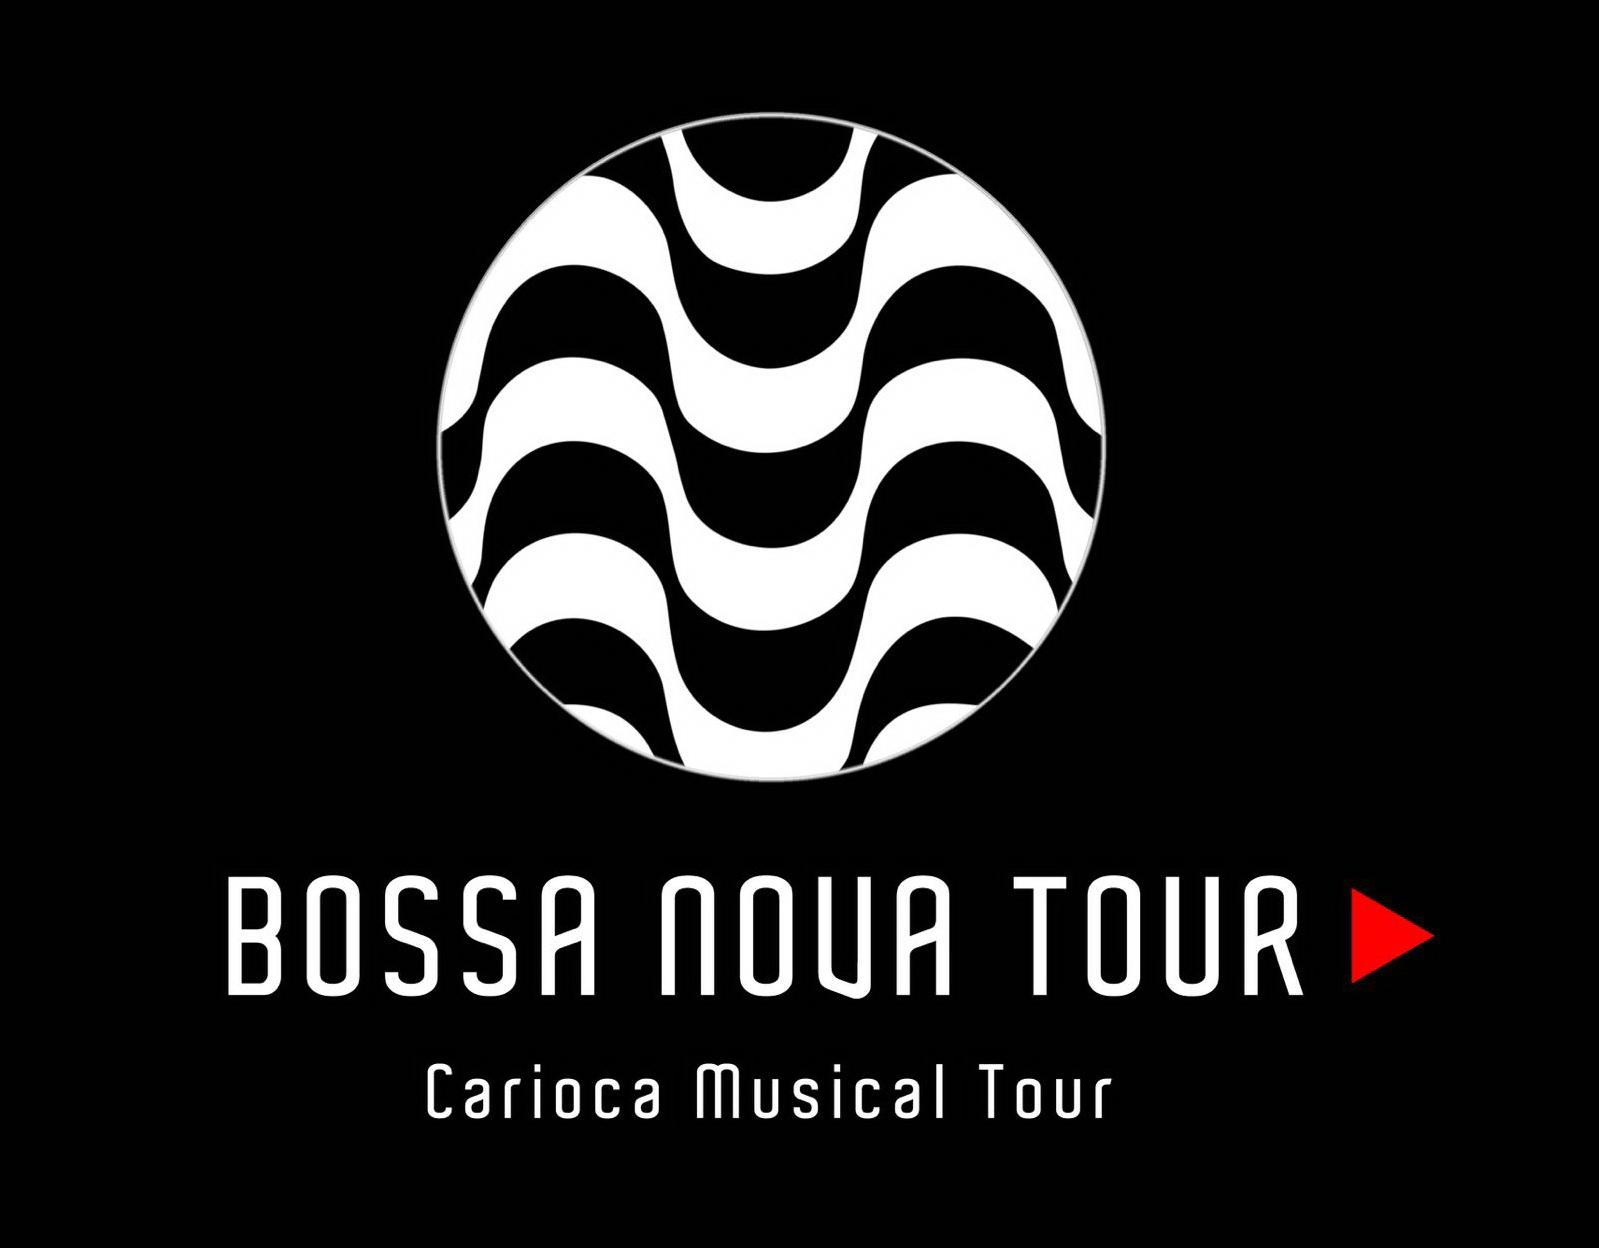 BOSSA NOVA TOUR │ Carioca Musical Tour